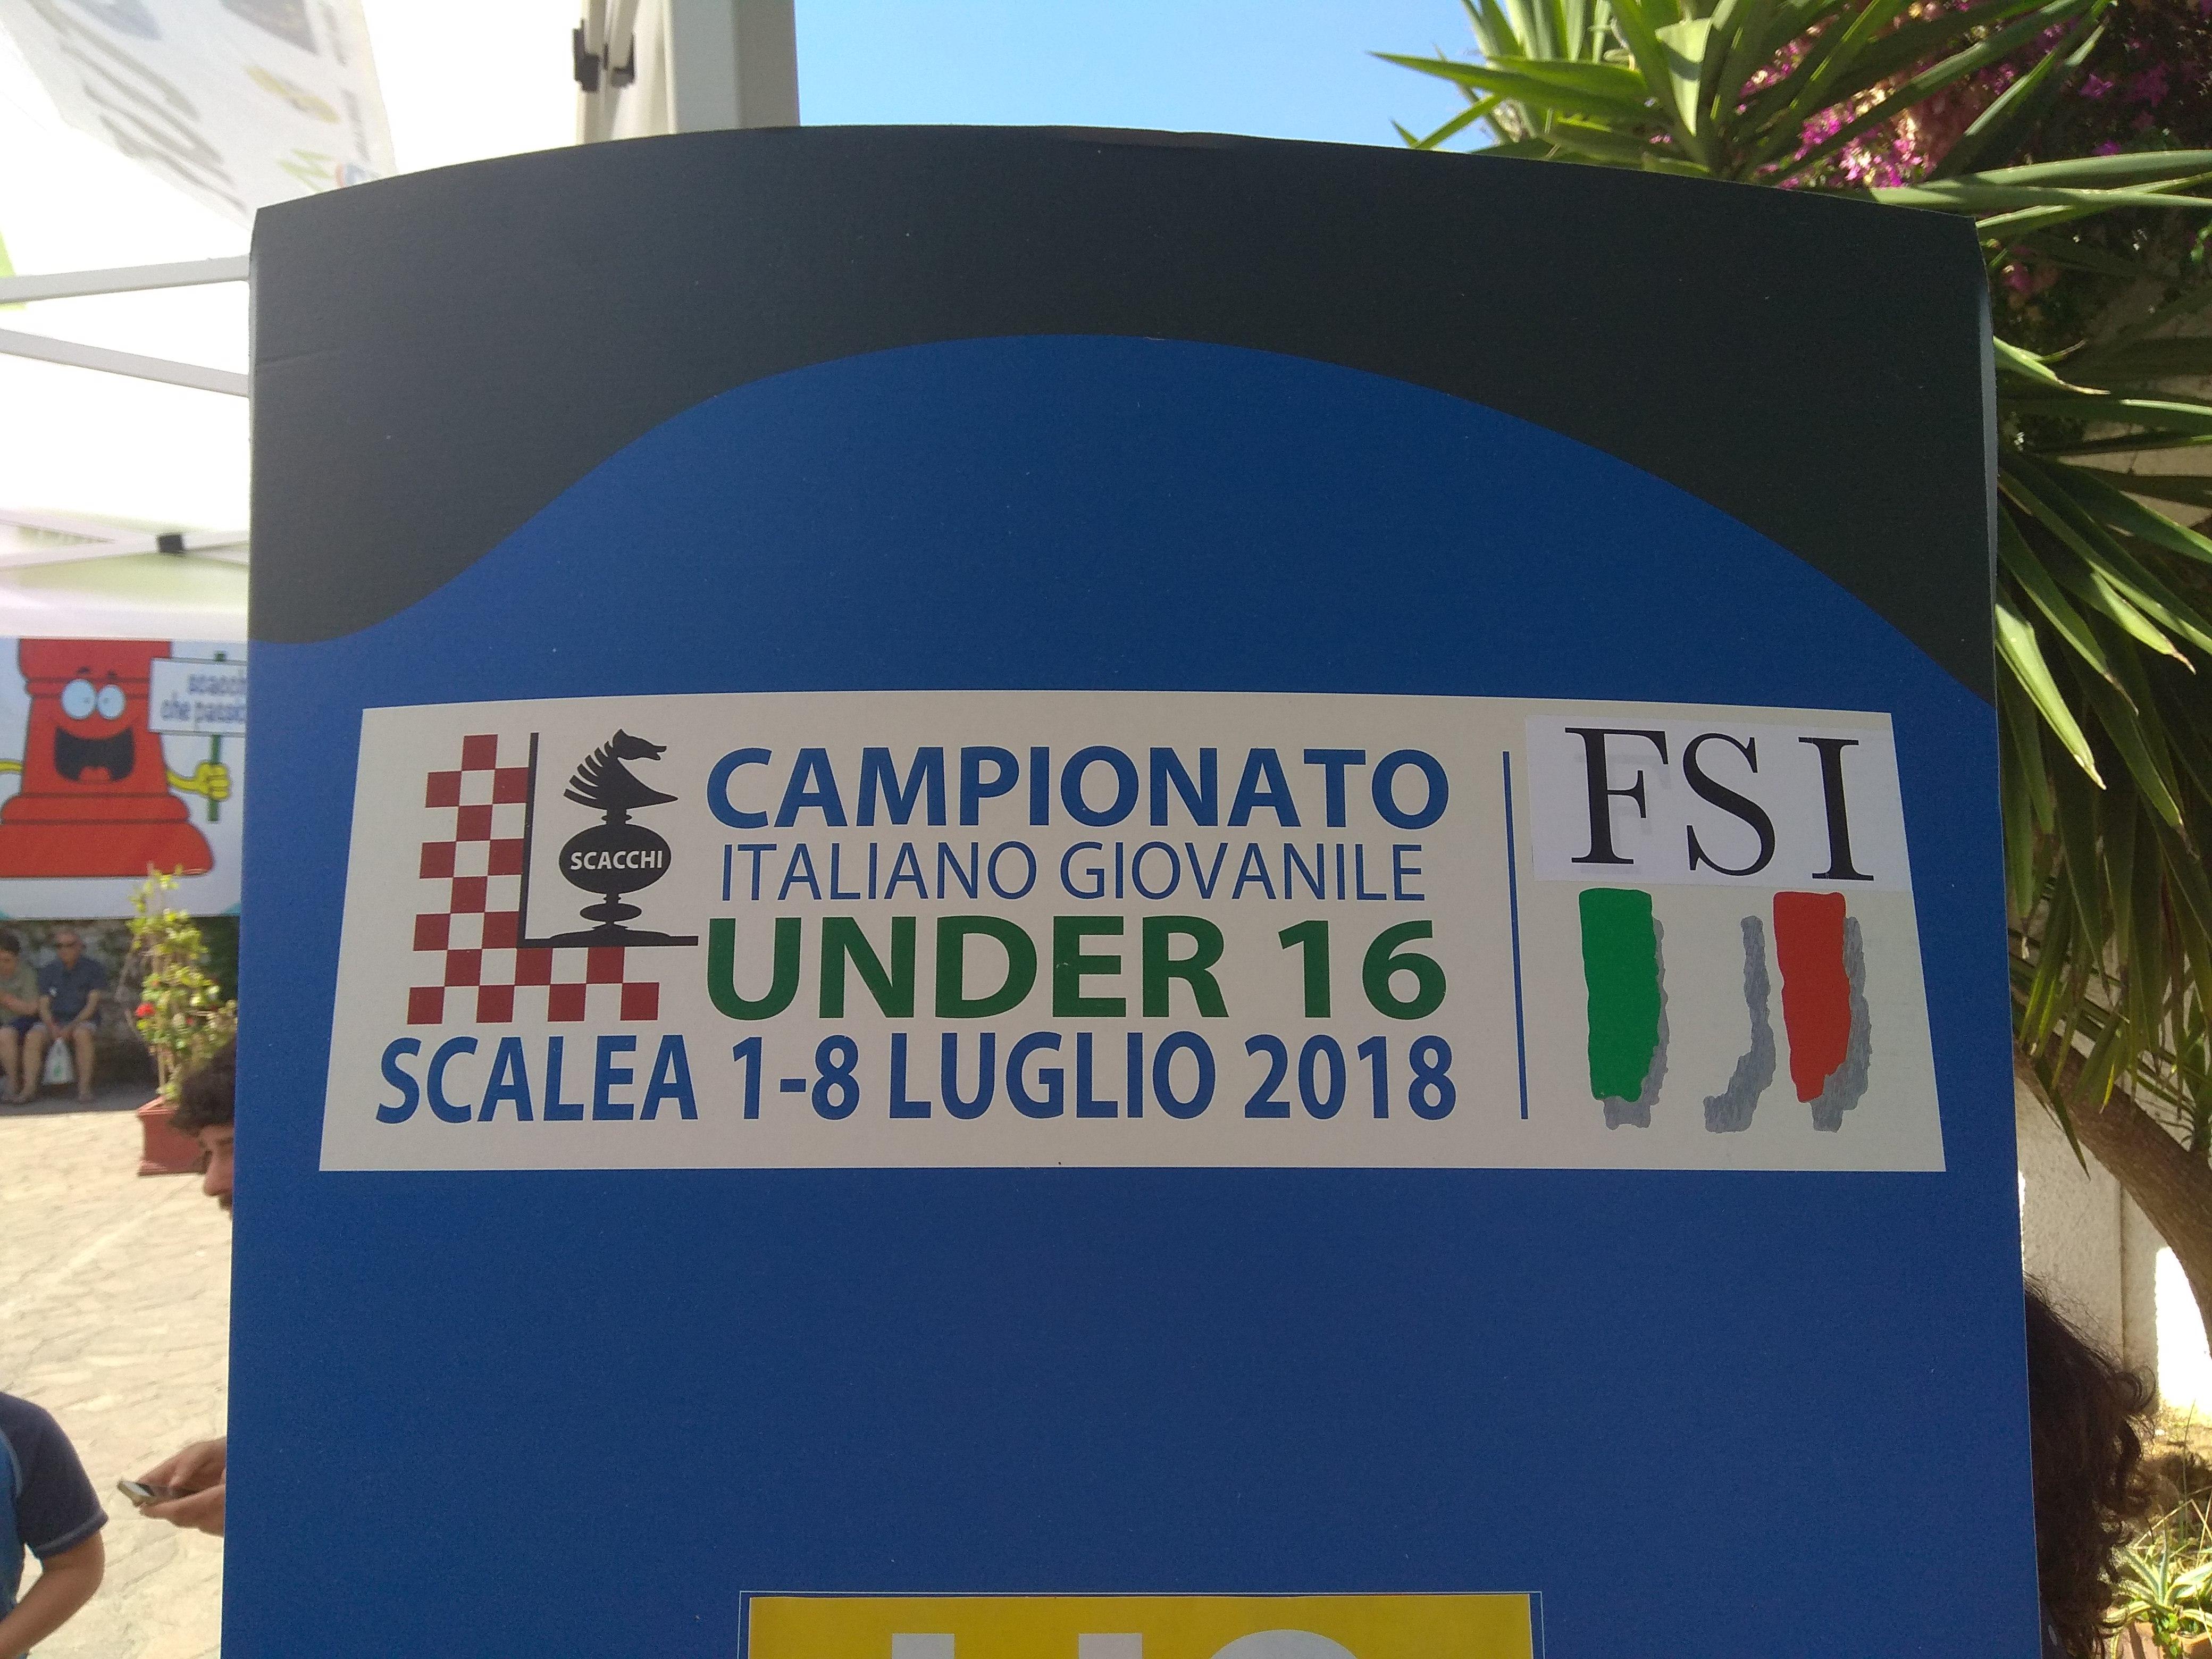 Campionato Italiano Giovanile 2018 – Scalea